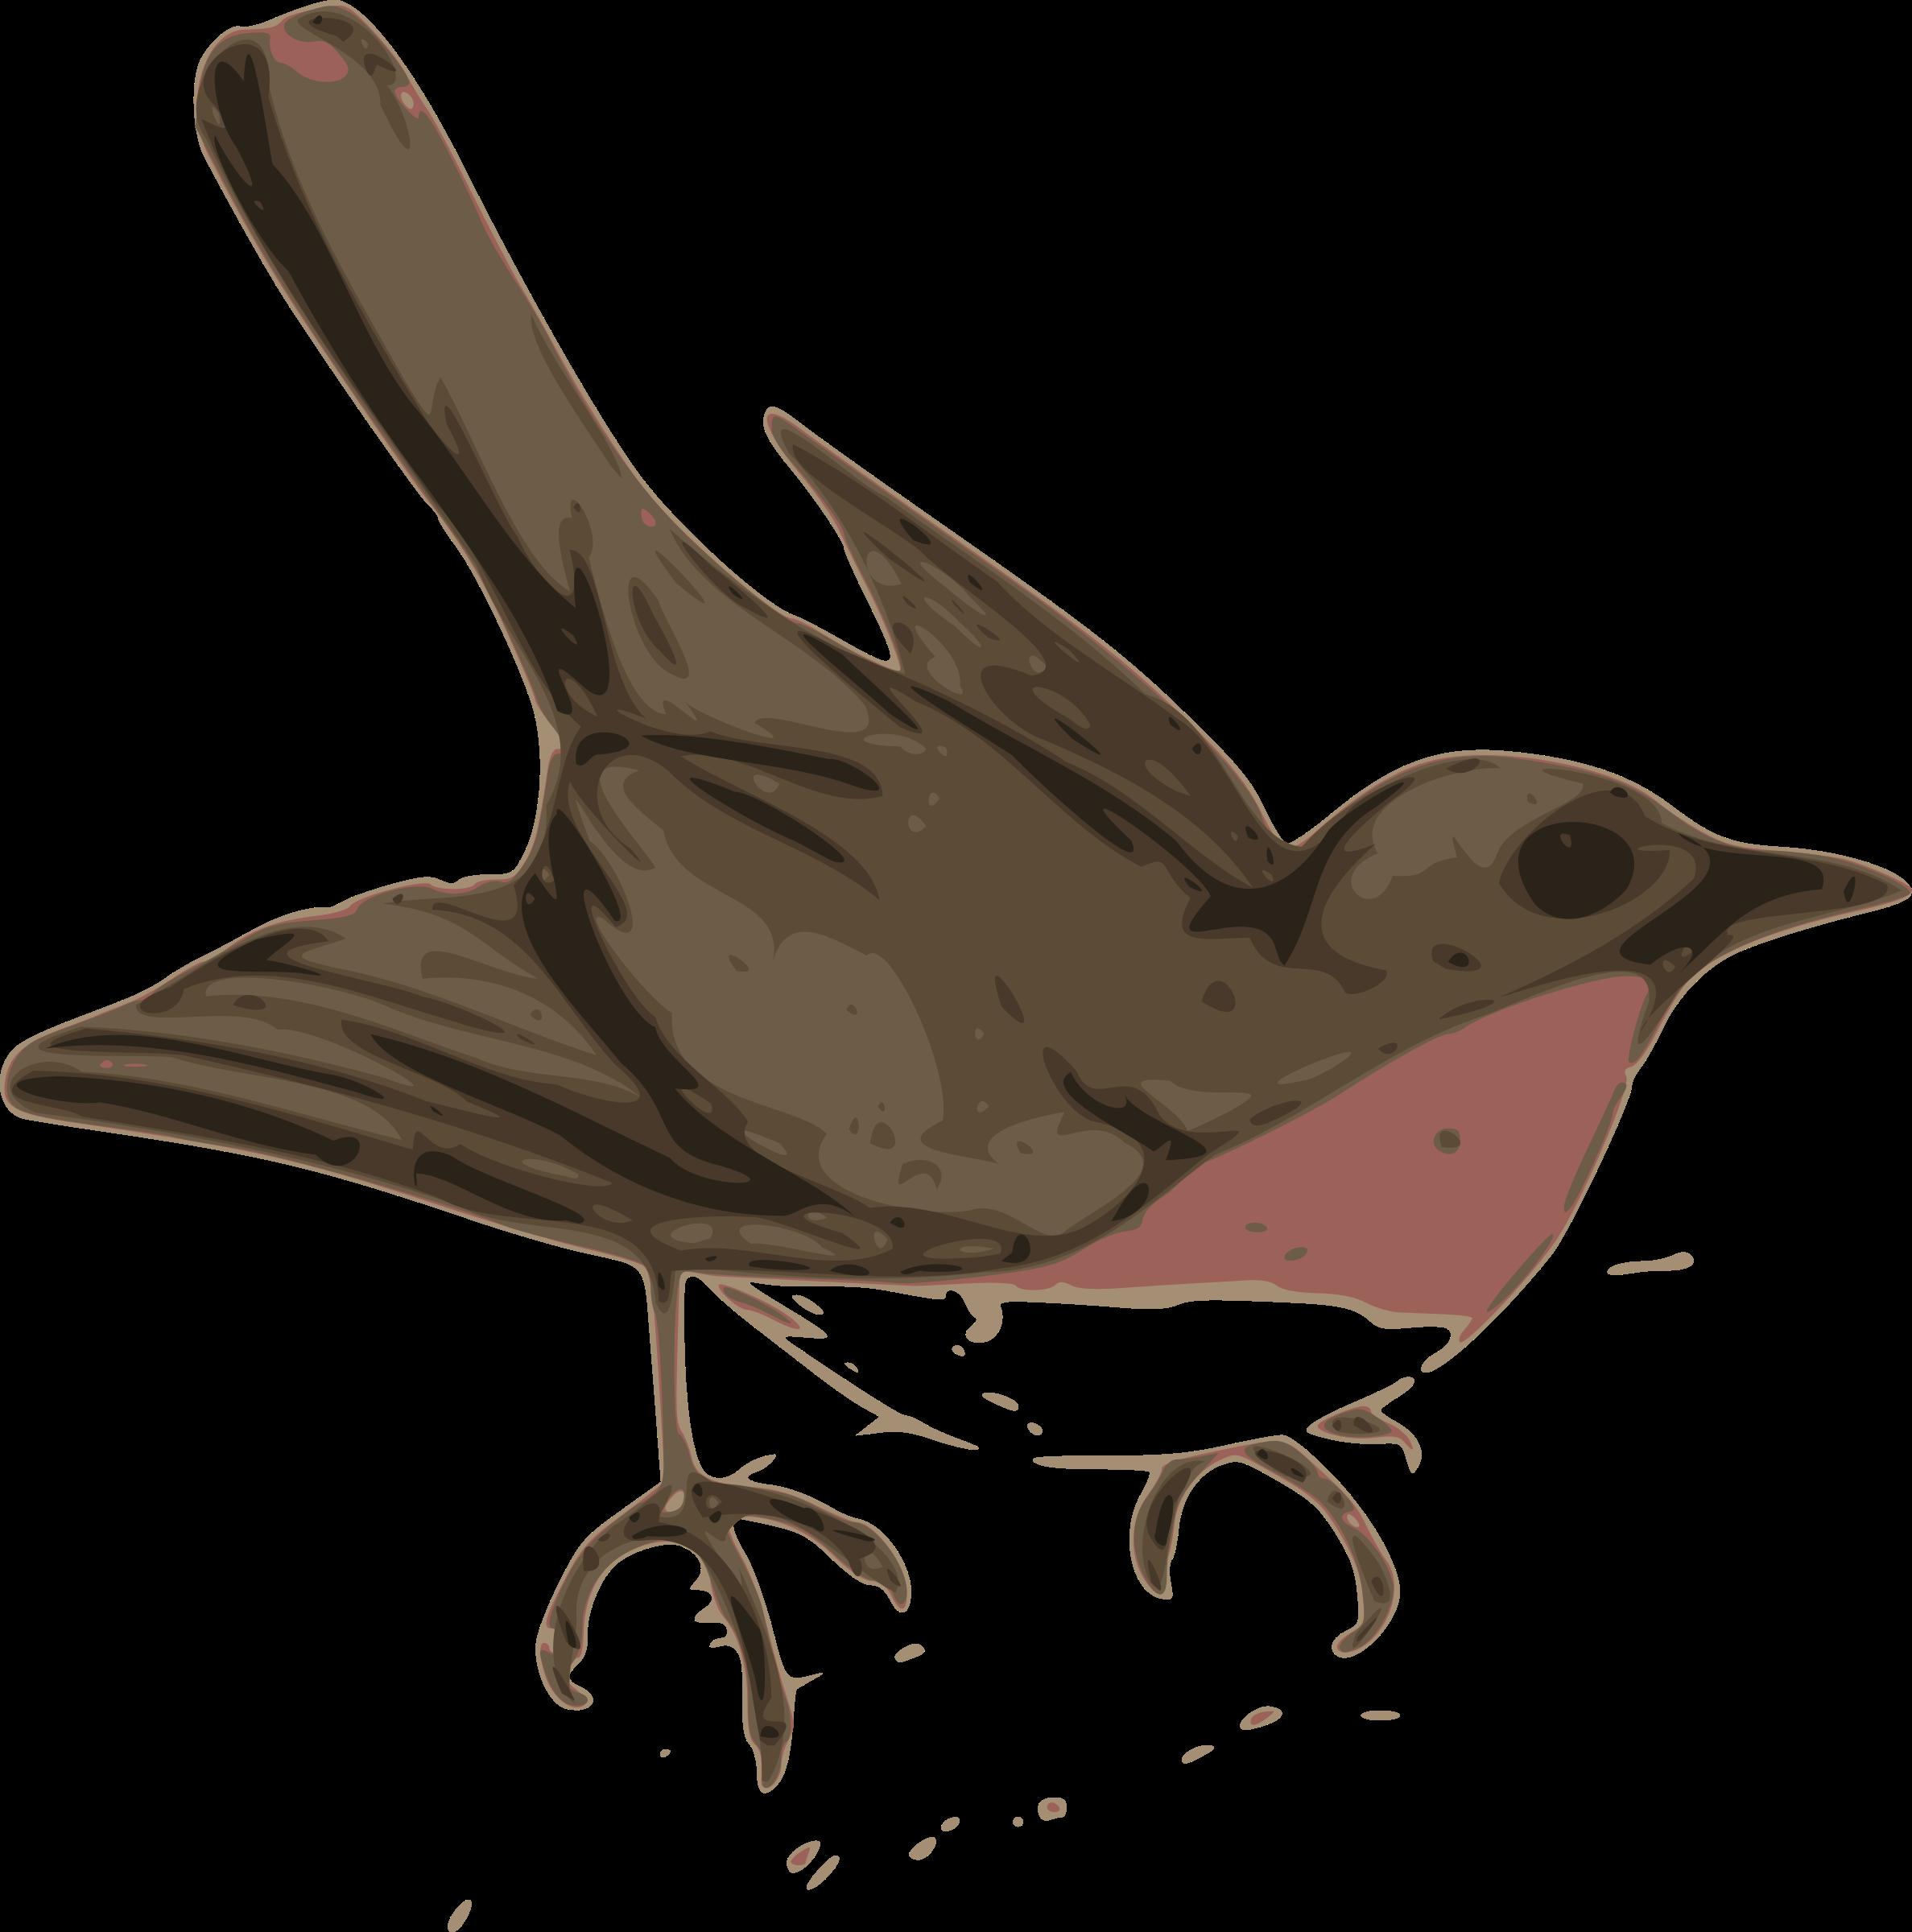 Doctor clipart bird. Of maya gucciguanfangwang me